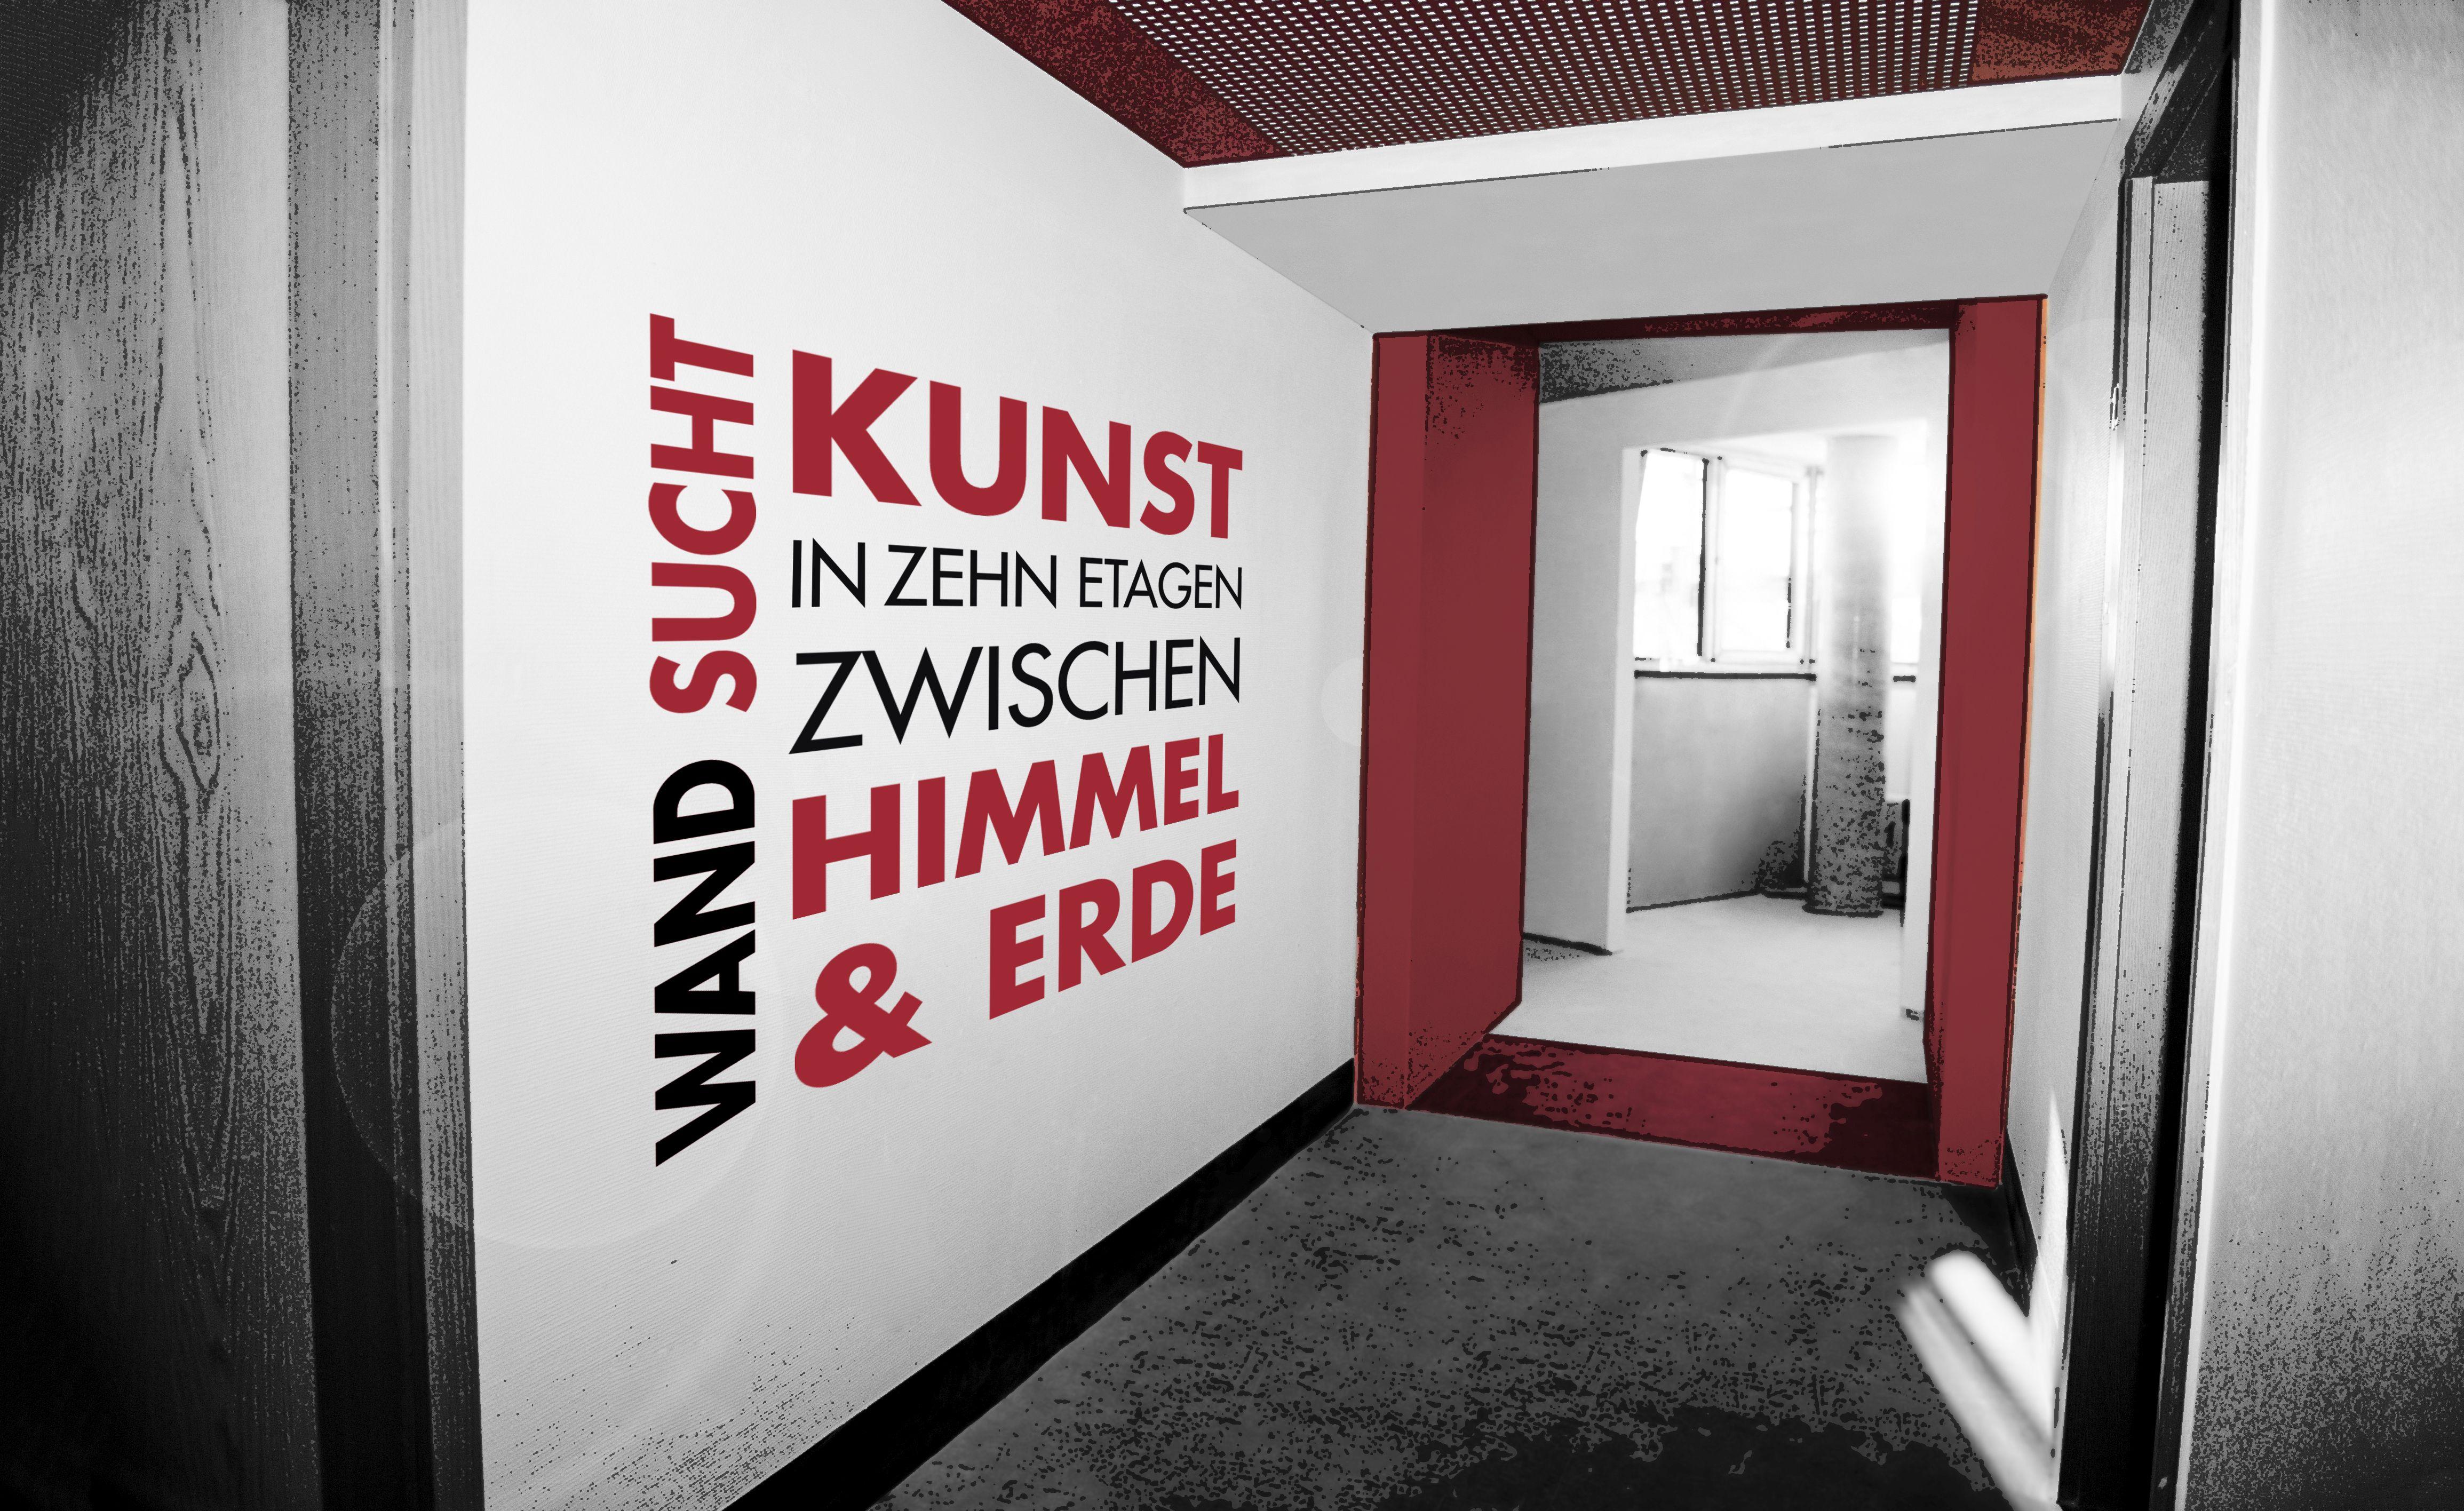 Kreative Ideen Für Wandgestaltung Gesucht Wgs Schwerin